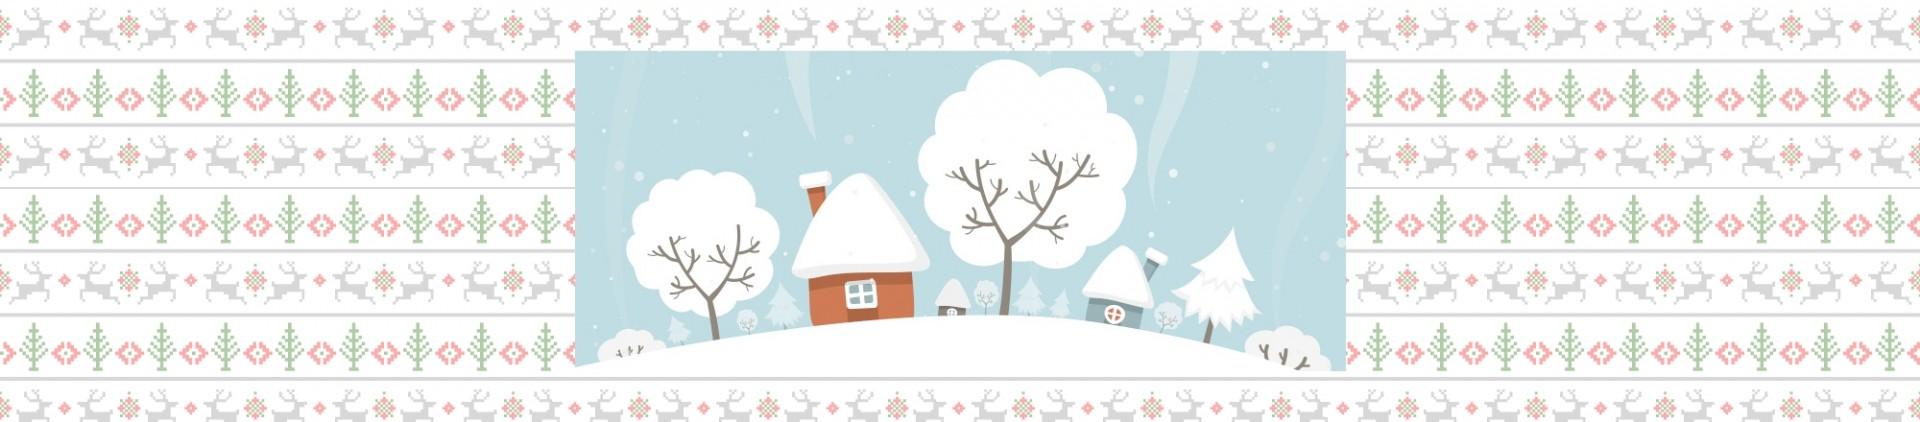 Quizz films de Noël - Concours FTPL